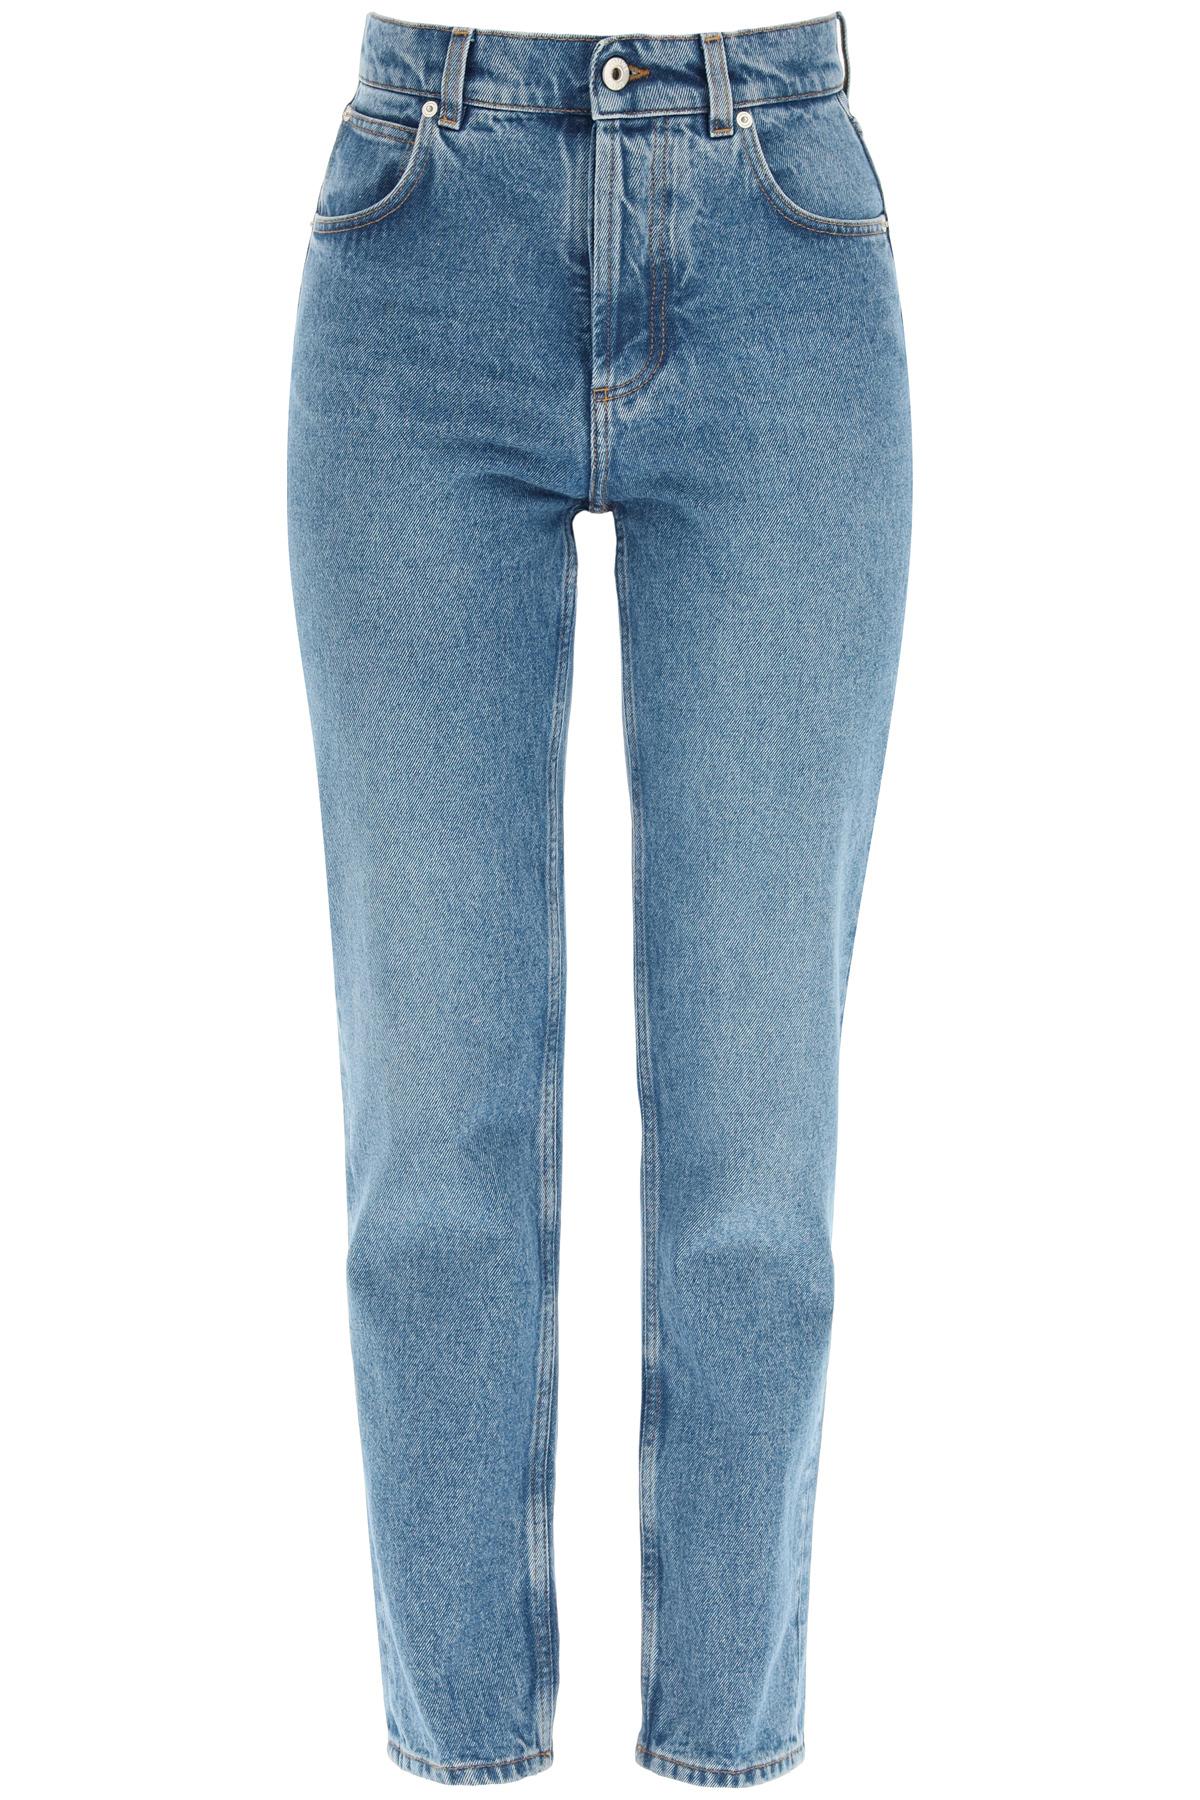 Loewe jeans con tasca in pelle anagram